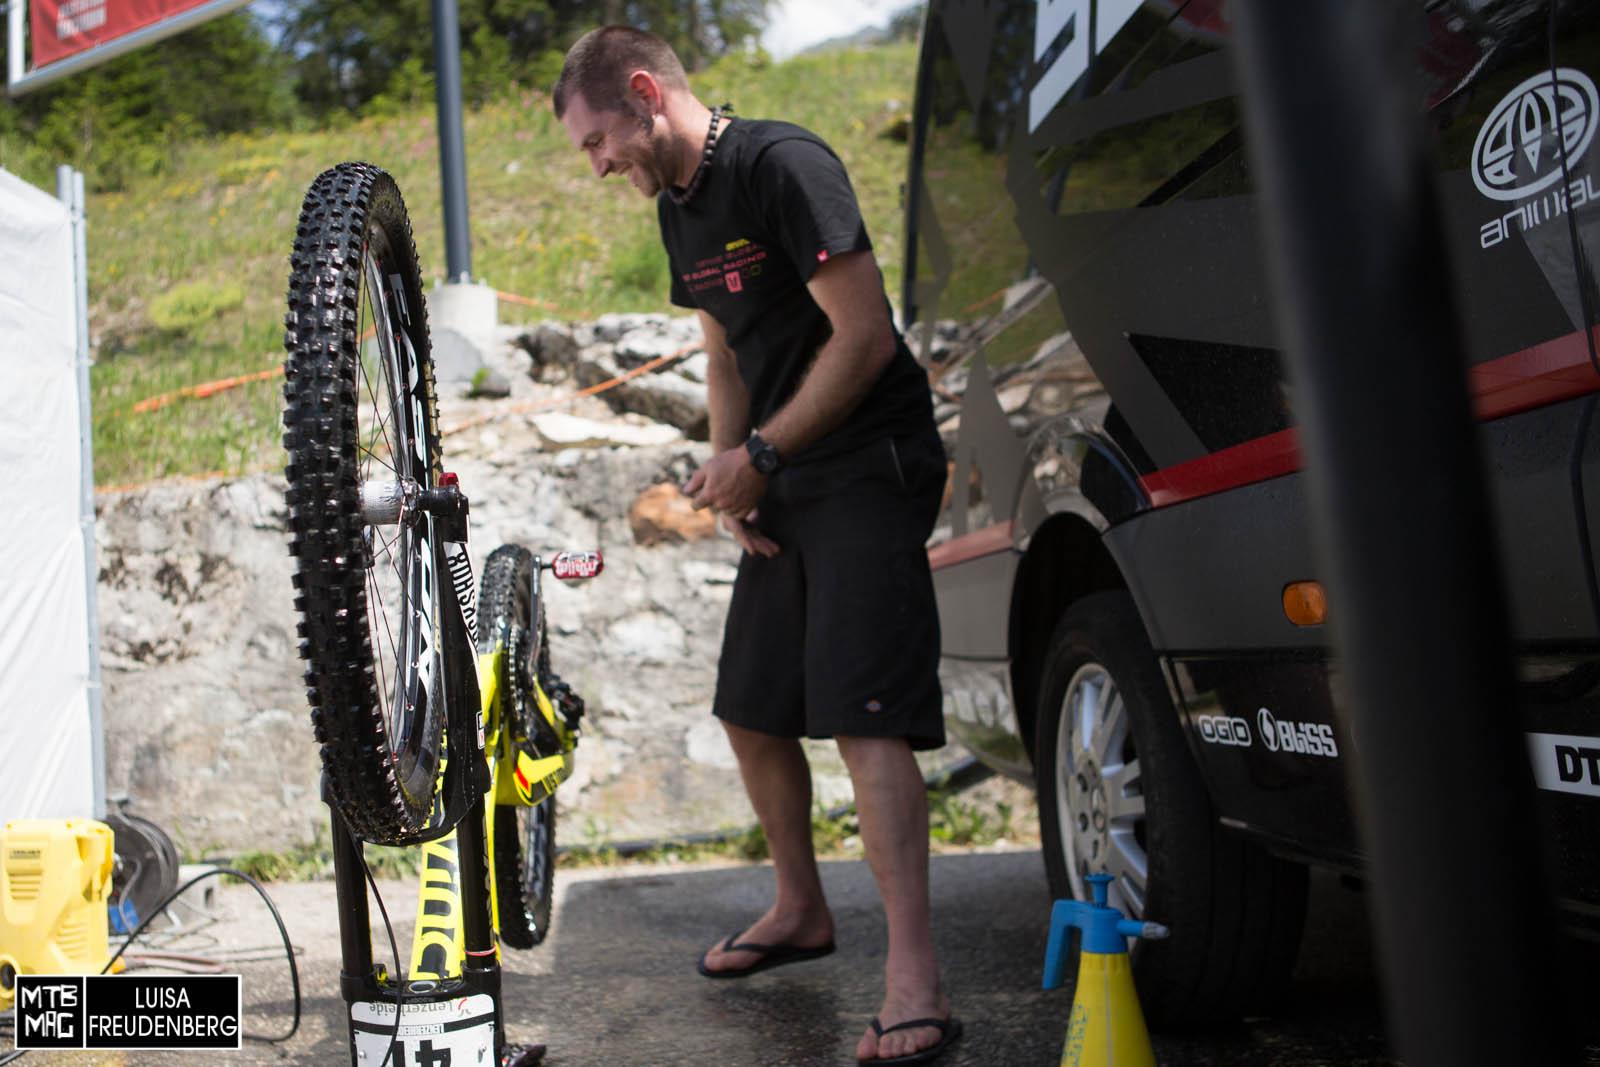 ... und wie immer das gleiche Bild wenn der Tag zu ende geht- It's time for bike wash